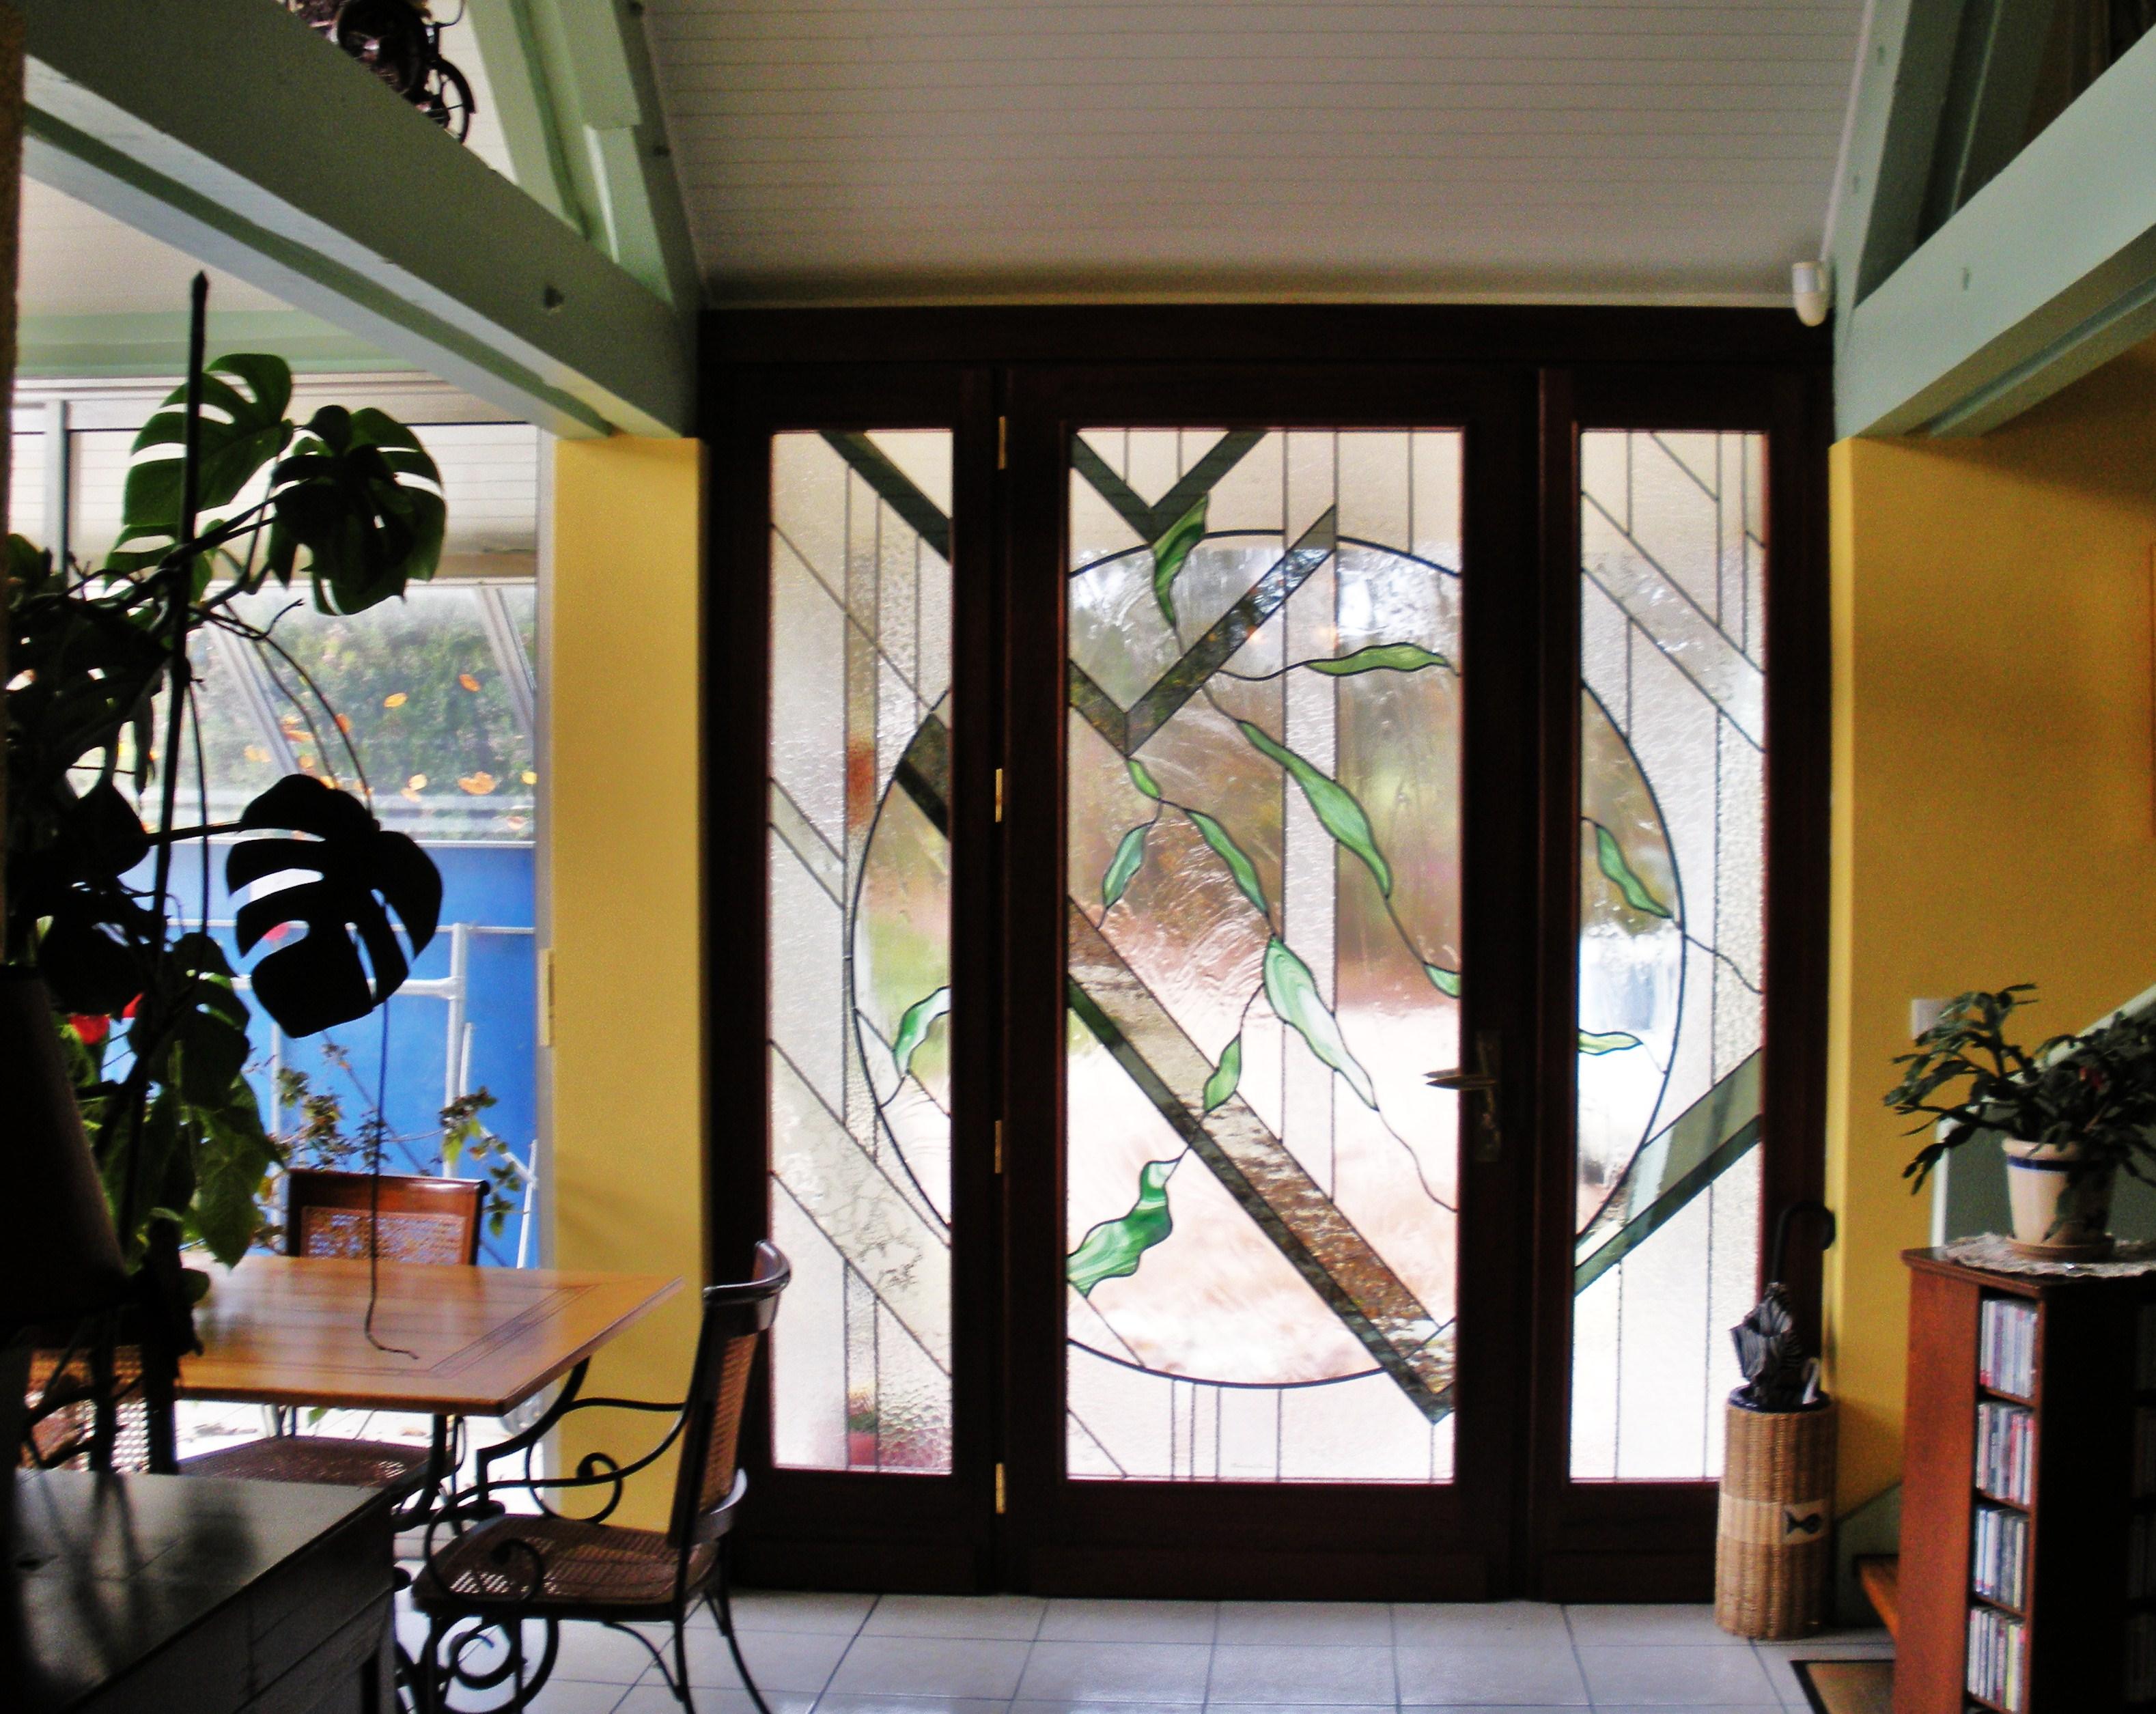 Vitrail porte d entr e triple contemporaine - Porte d entree avec vitrail ...